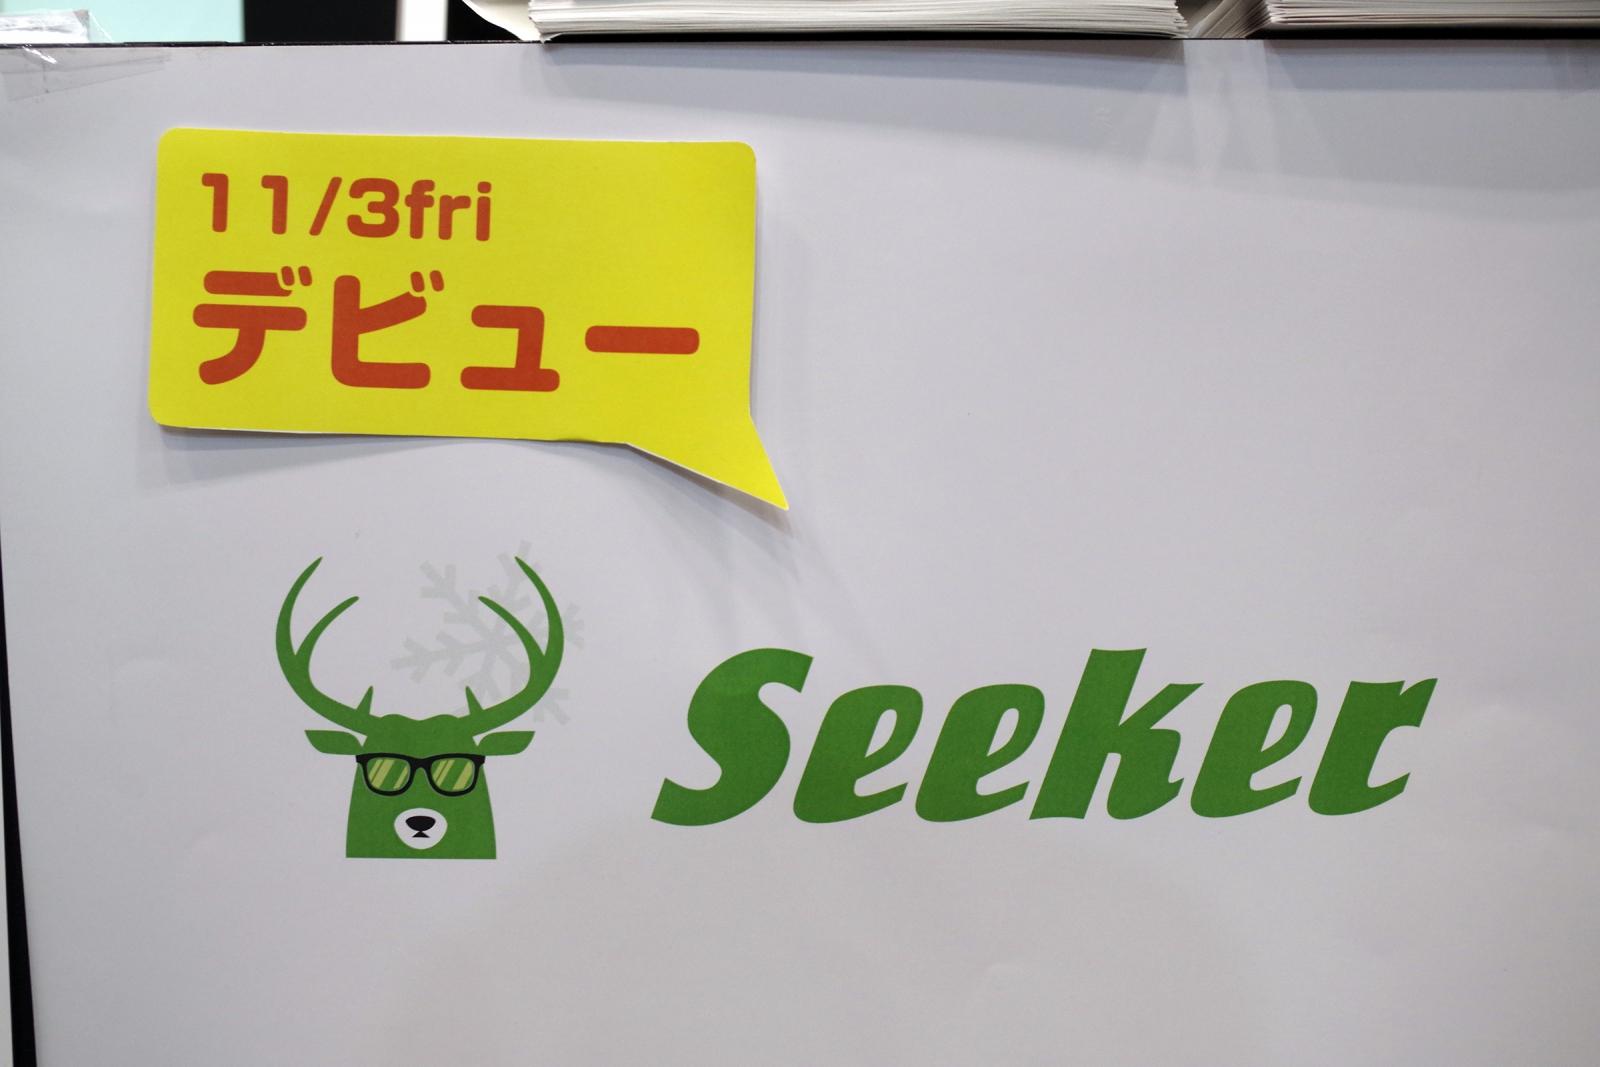 ペダルノートの新サービス「Seeker」